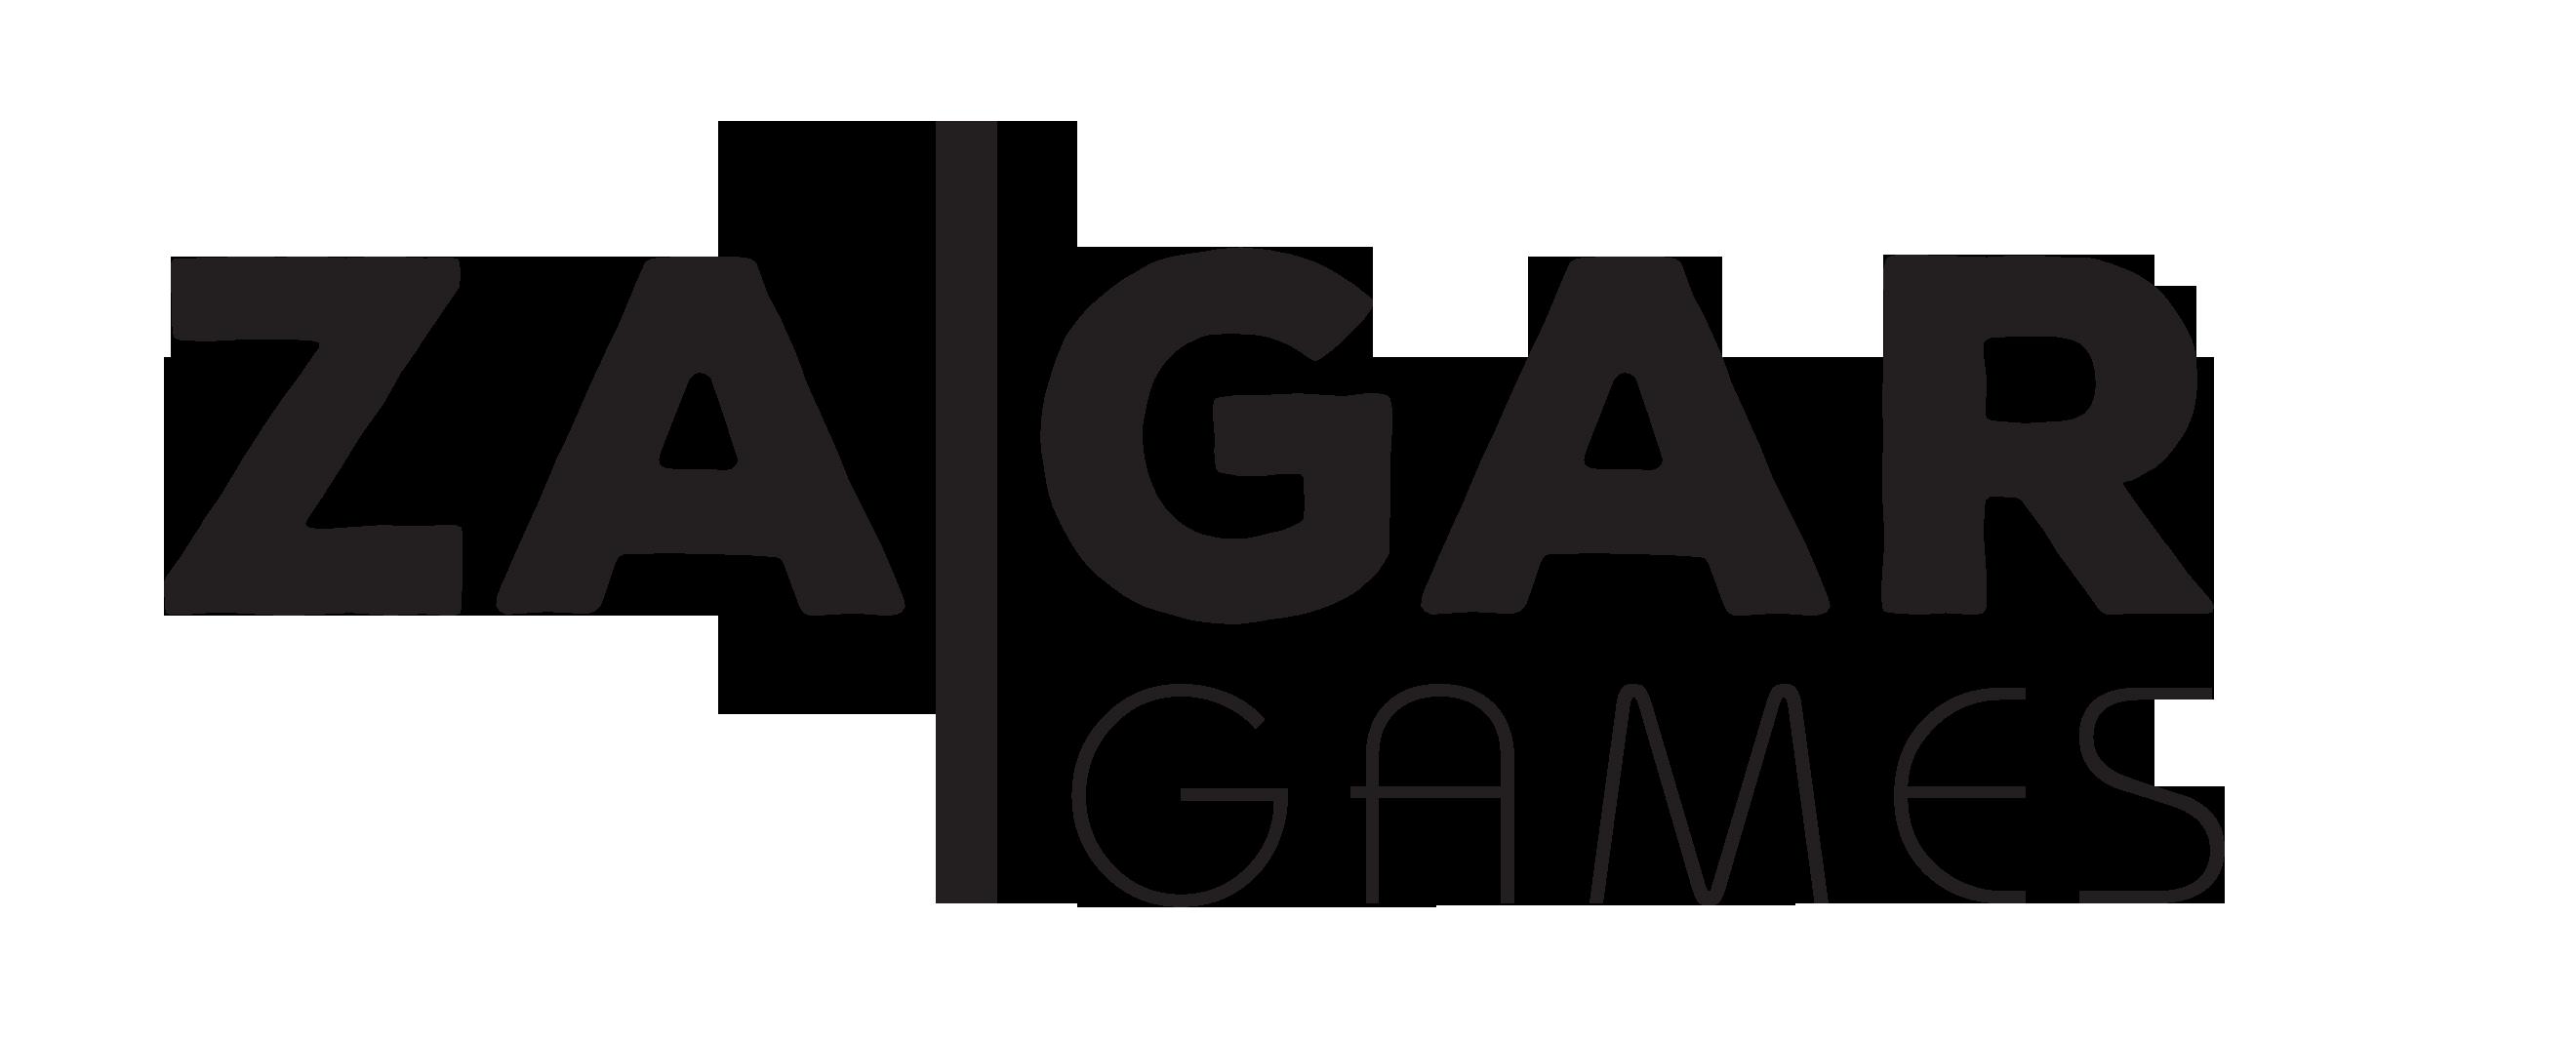 ZagarLogo (1) - Gargitt Au